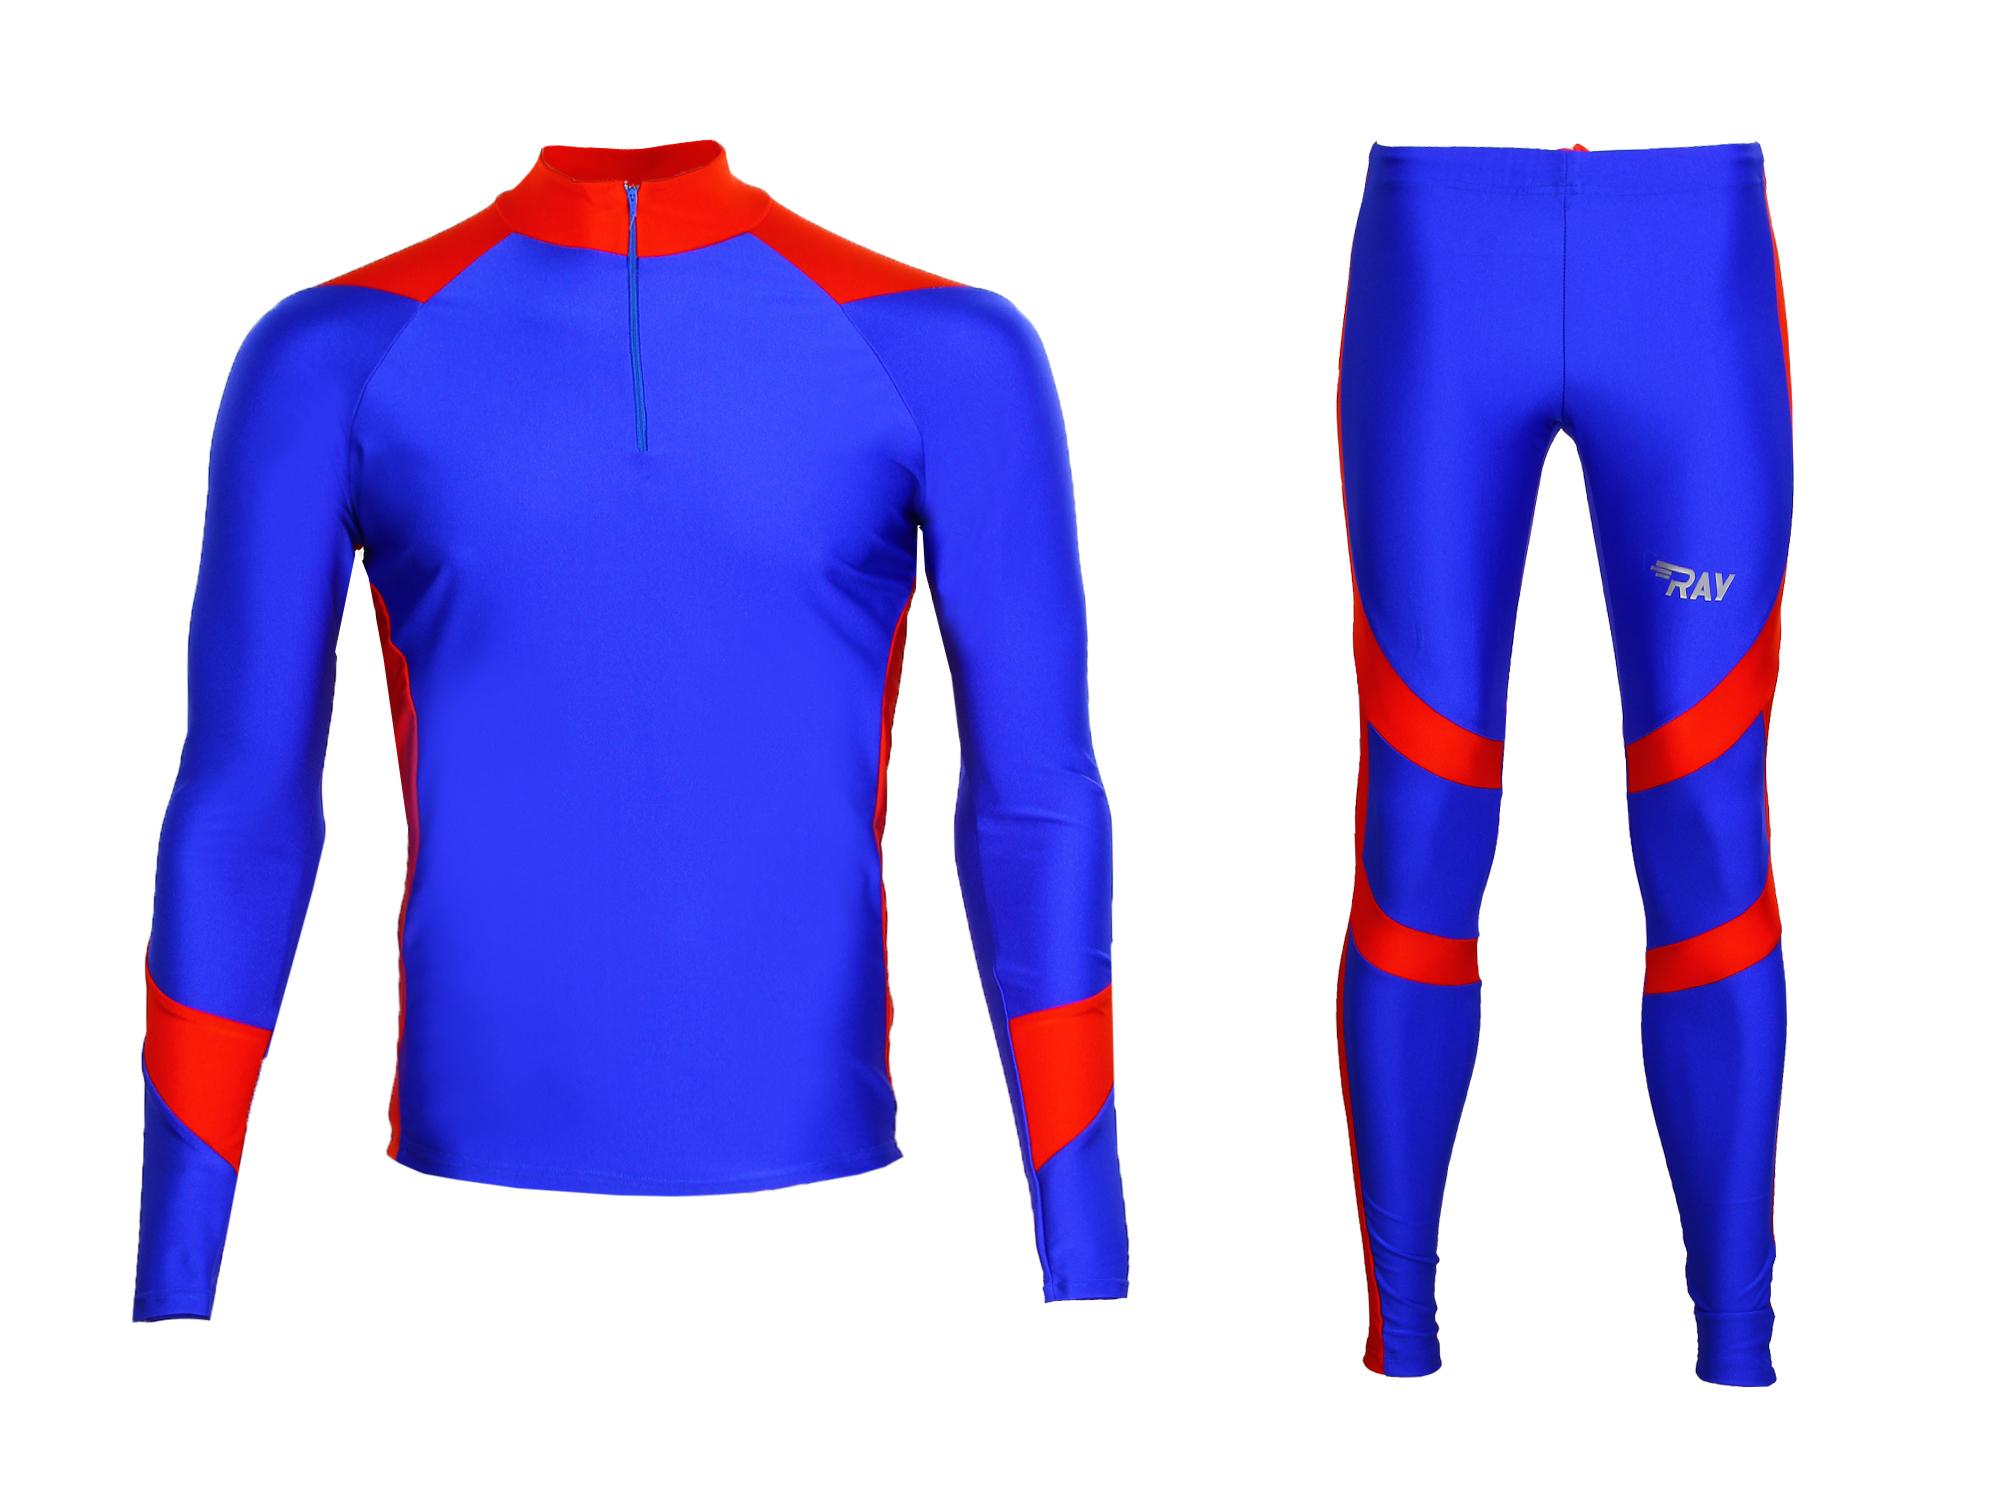 Комбинезон лыжный RAY Star синий красный - Сеть спортивных магазинов ... 57c0fb00dbe